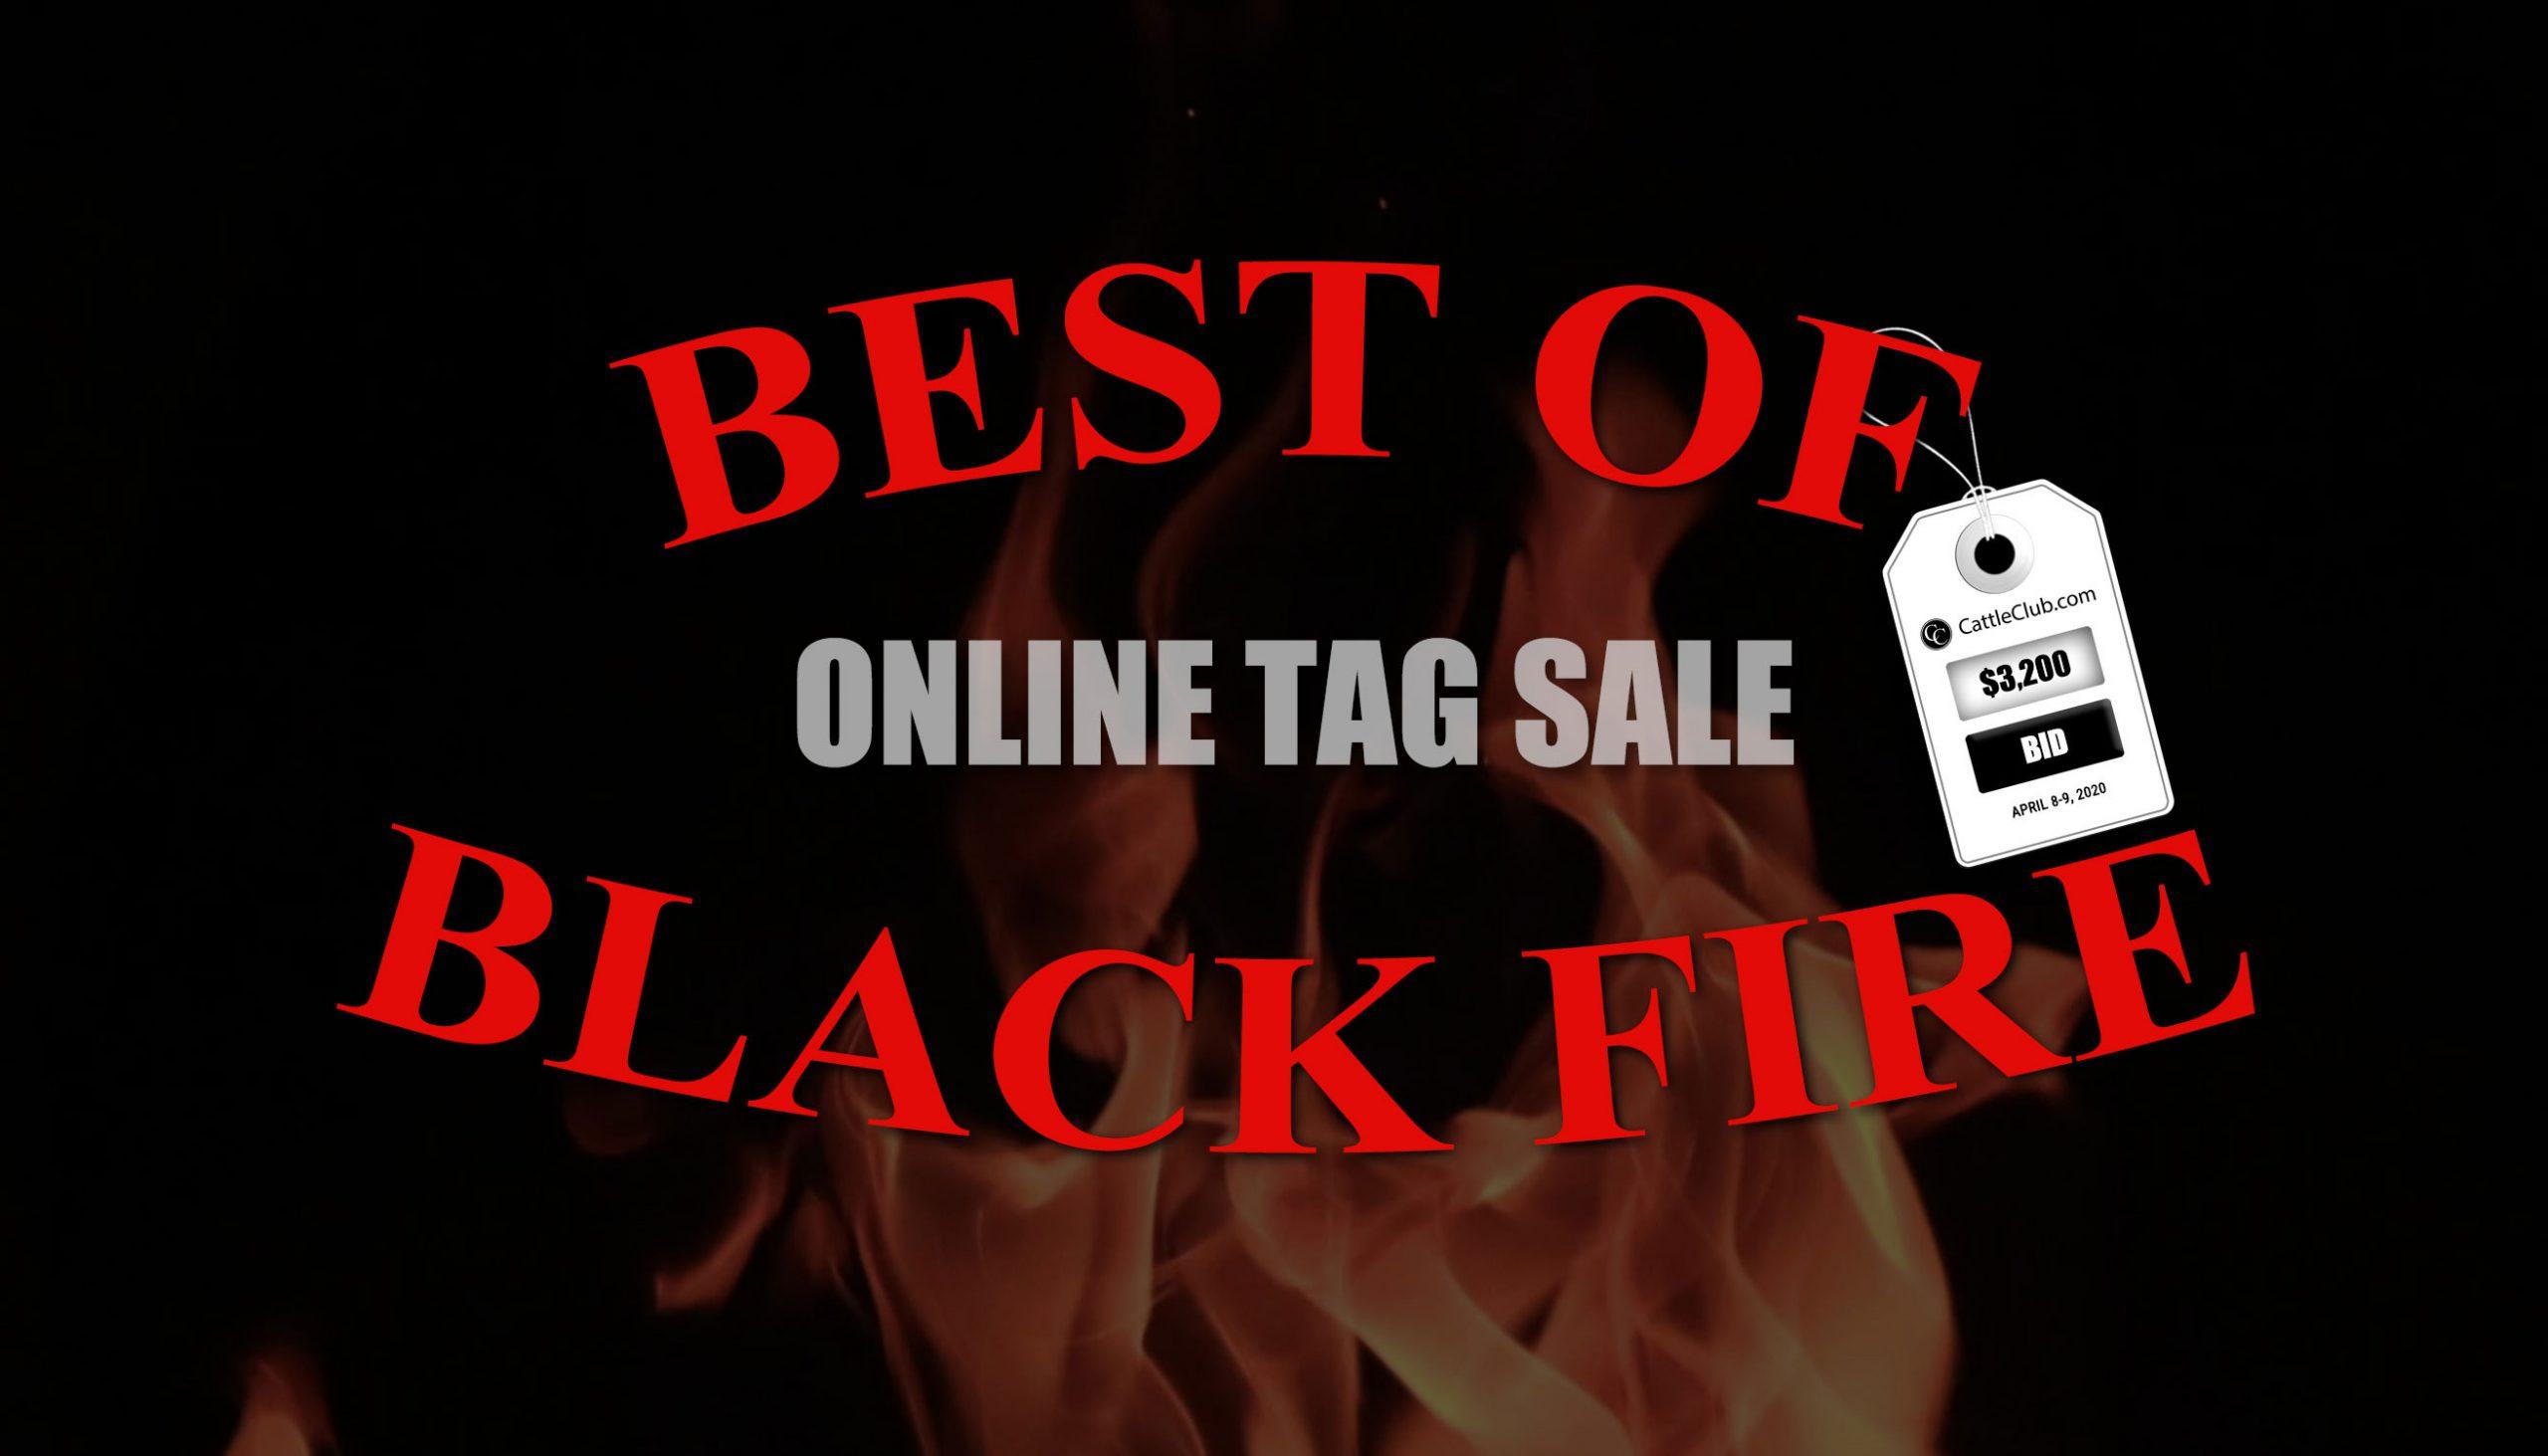 Best of Black Fire Sale